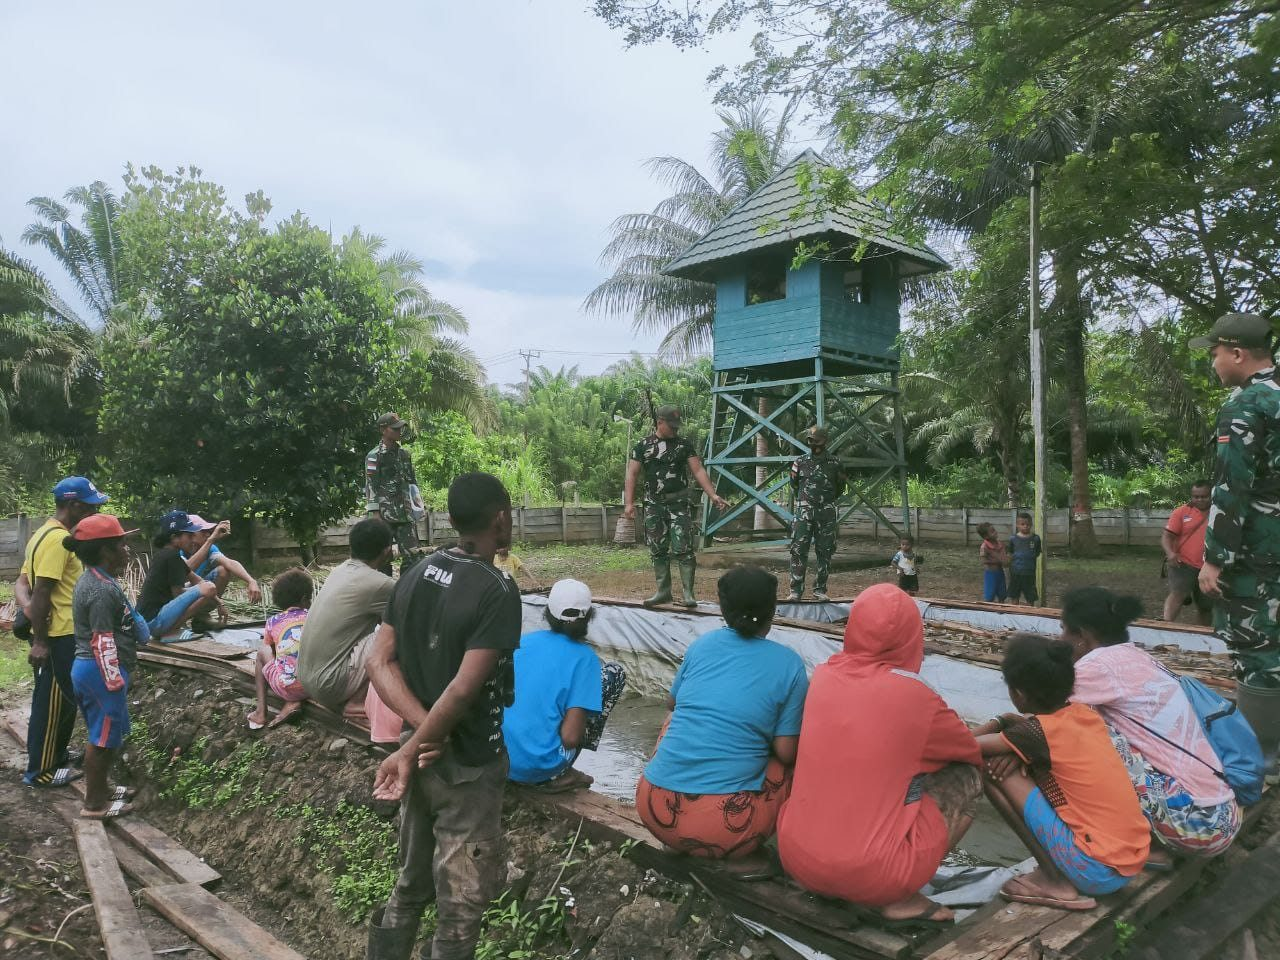 Manfaatkan Lahan Kosong, Satgas Yonif 131 Ajarkan Warga Budidaya Lele di Kolam Terpal